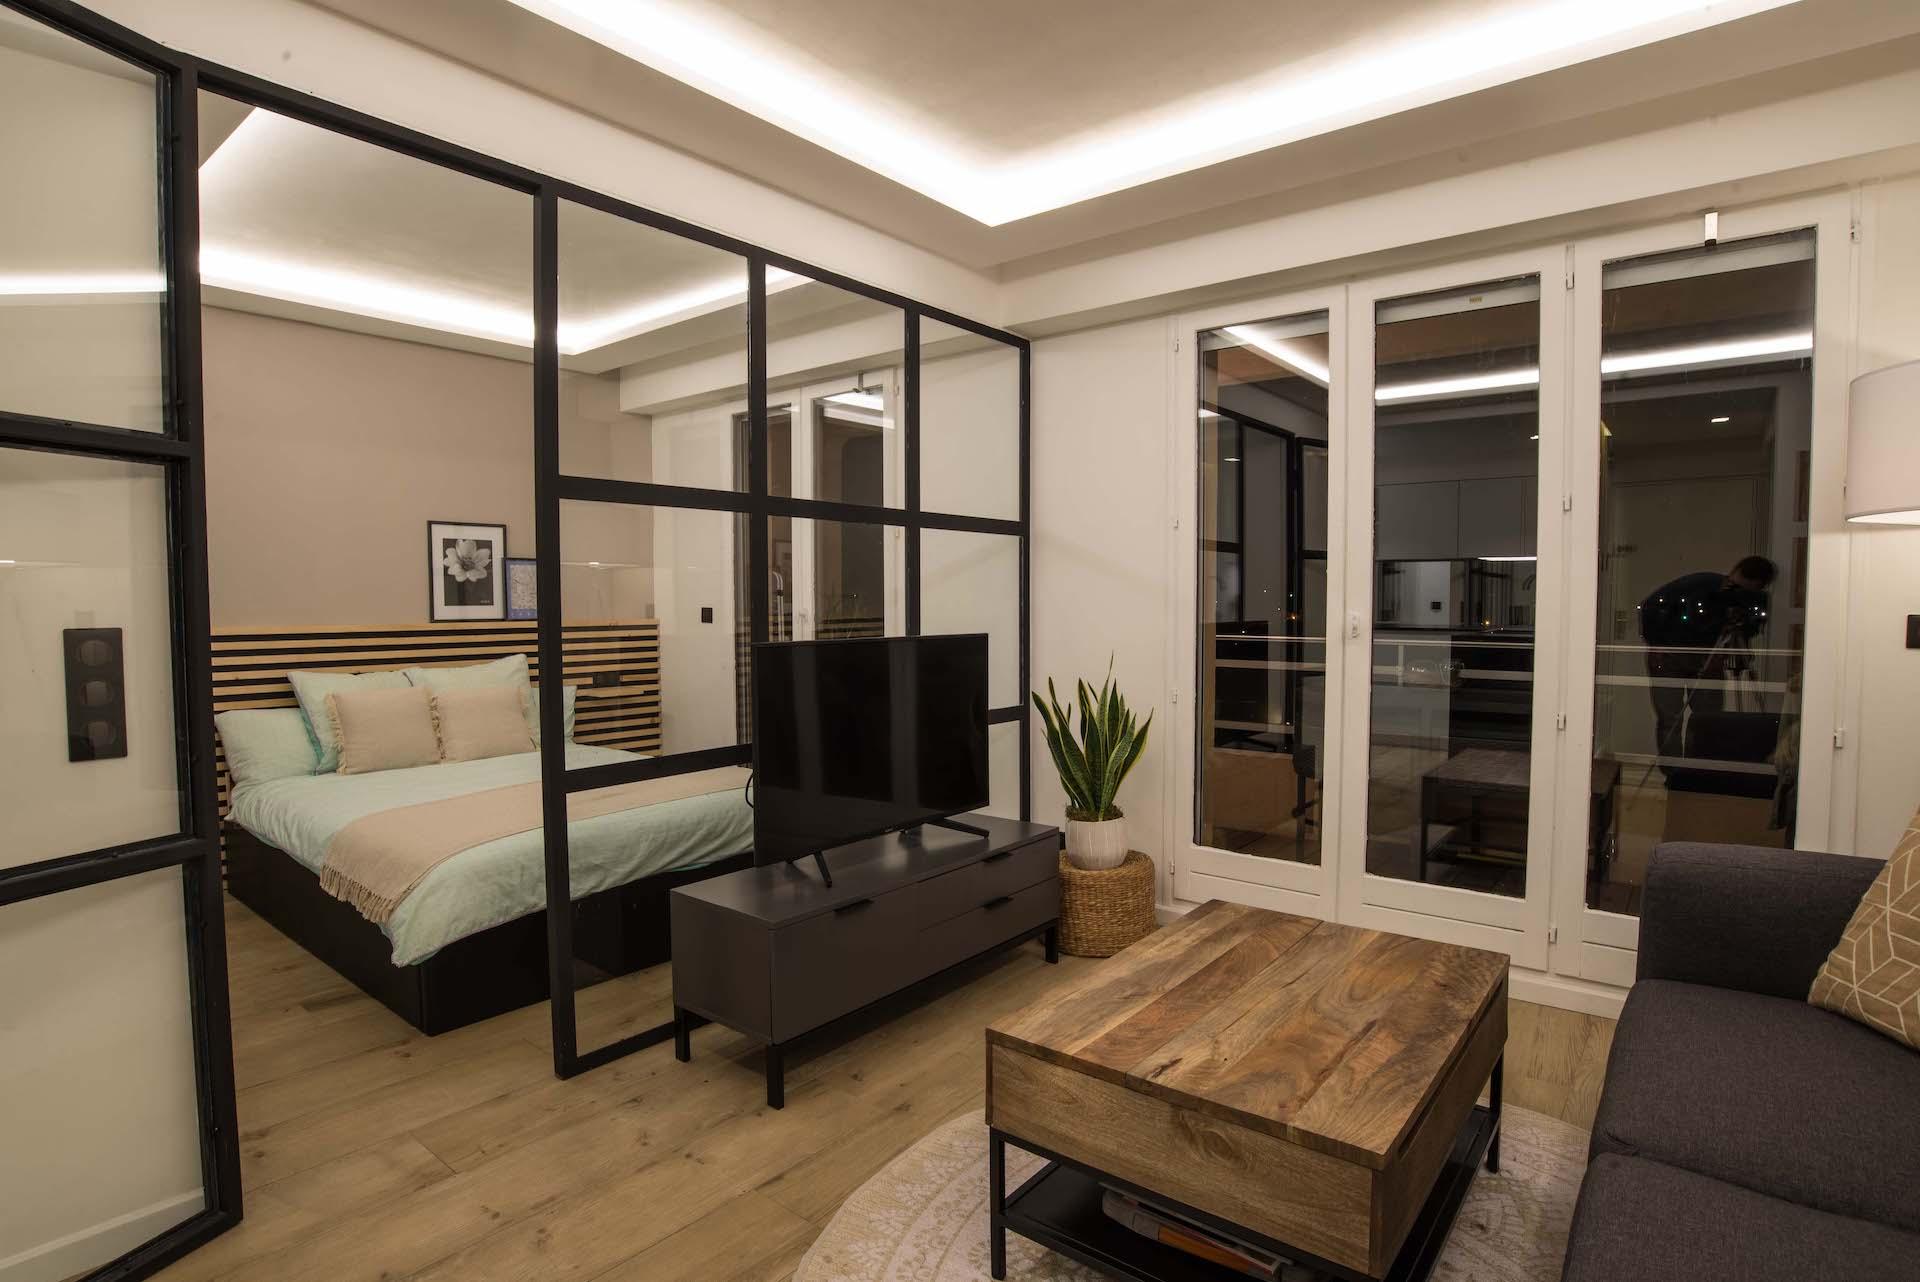 Rénovation-aménagement-décoration-appartement-Sainte-Maxime-architecte-interieur-var16